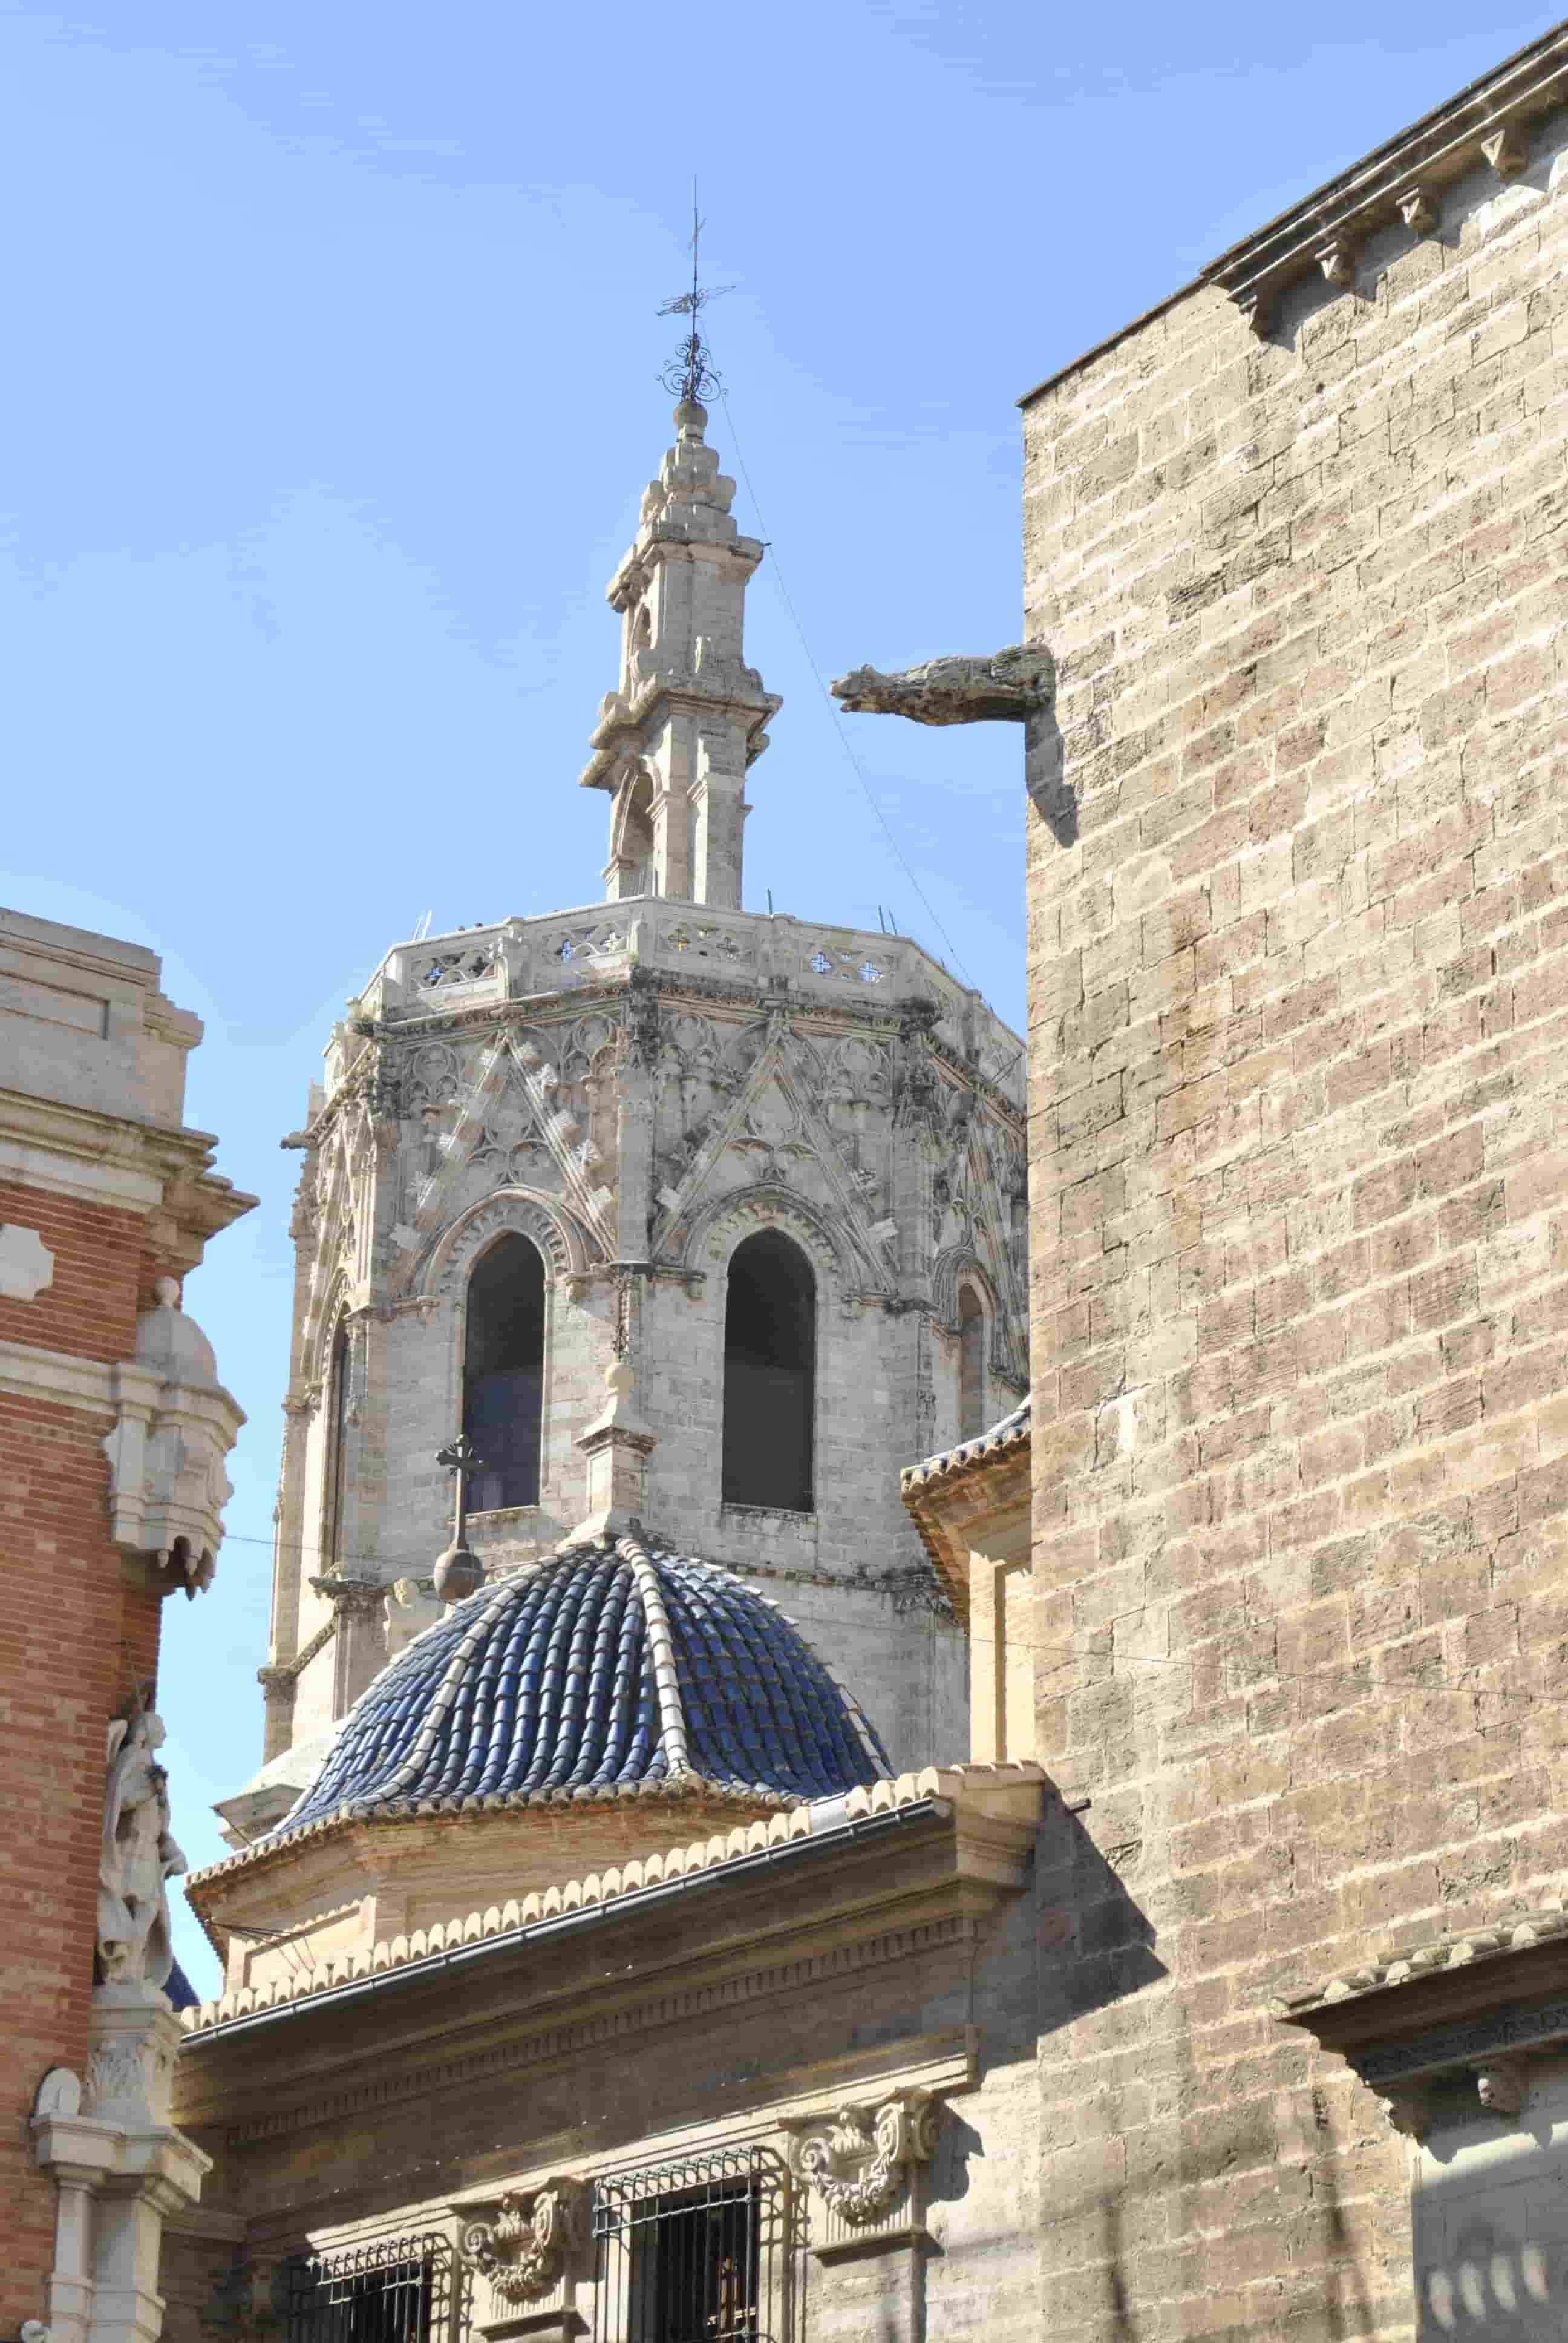 Le migliori visite di Valencia, i migliori tours per il centro storico e per la Città delle Arti e le Scienze, le migliori guide turistiche e rotte